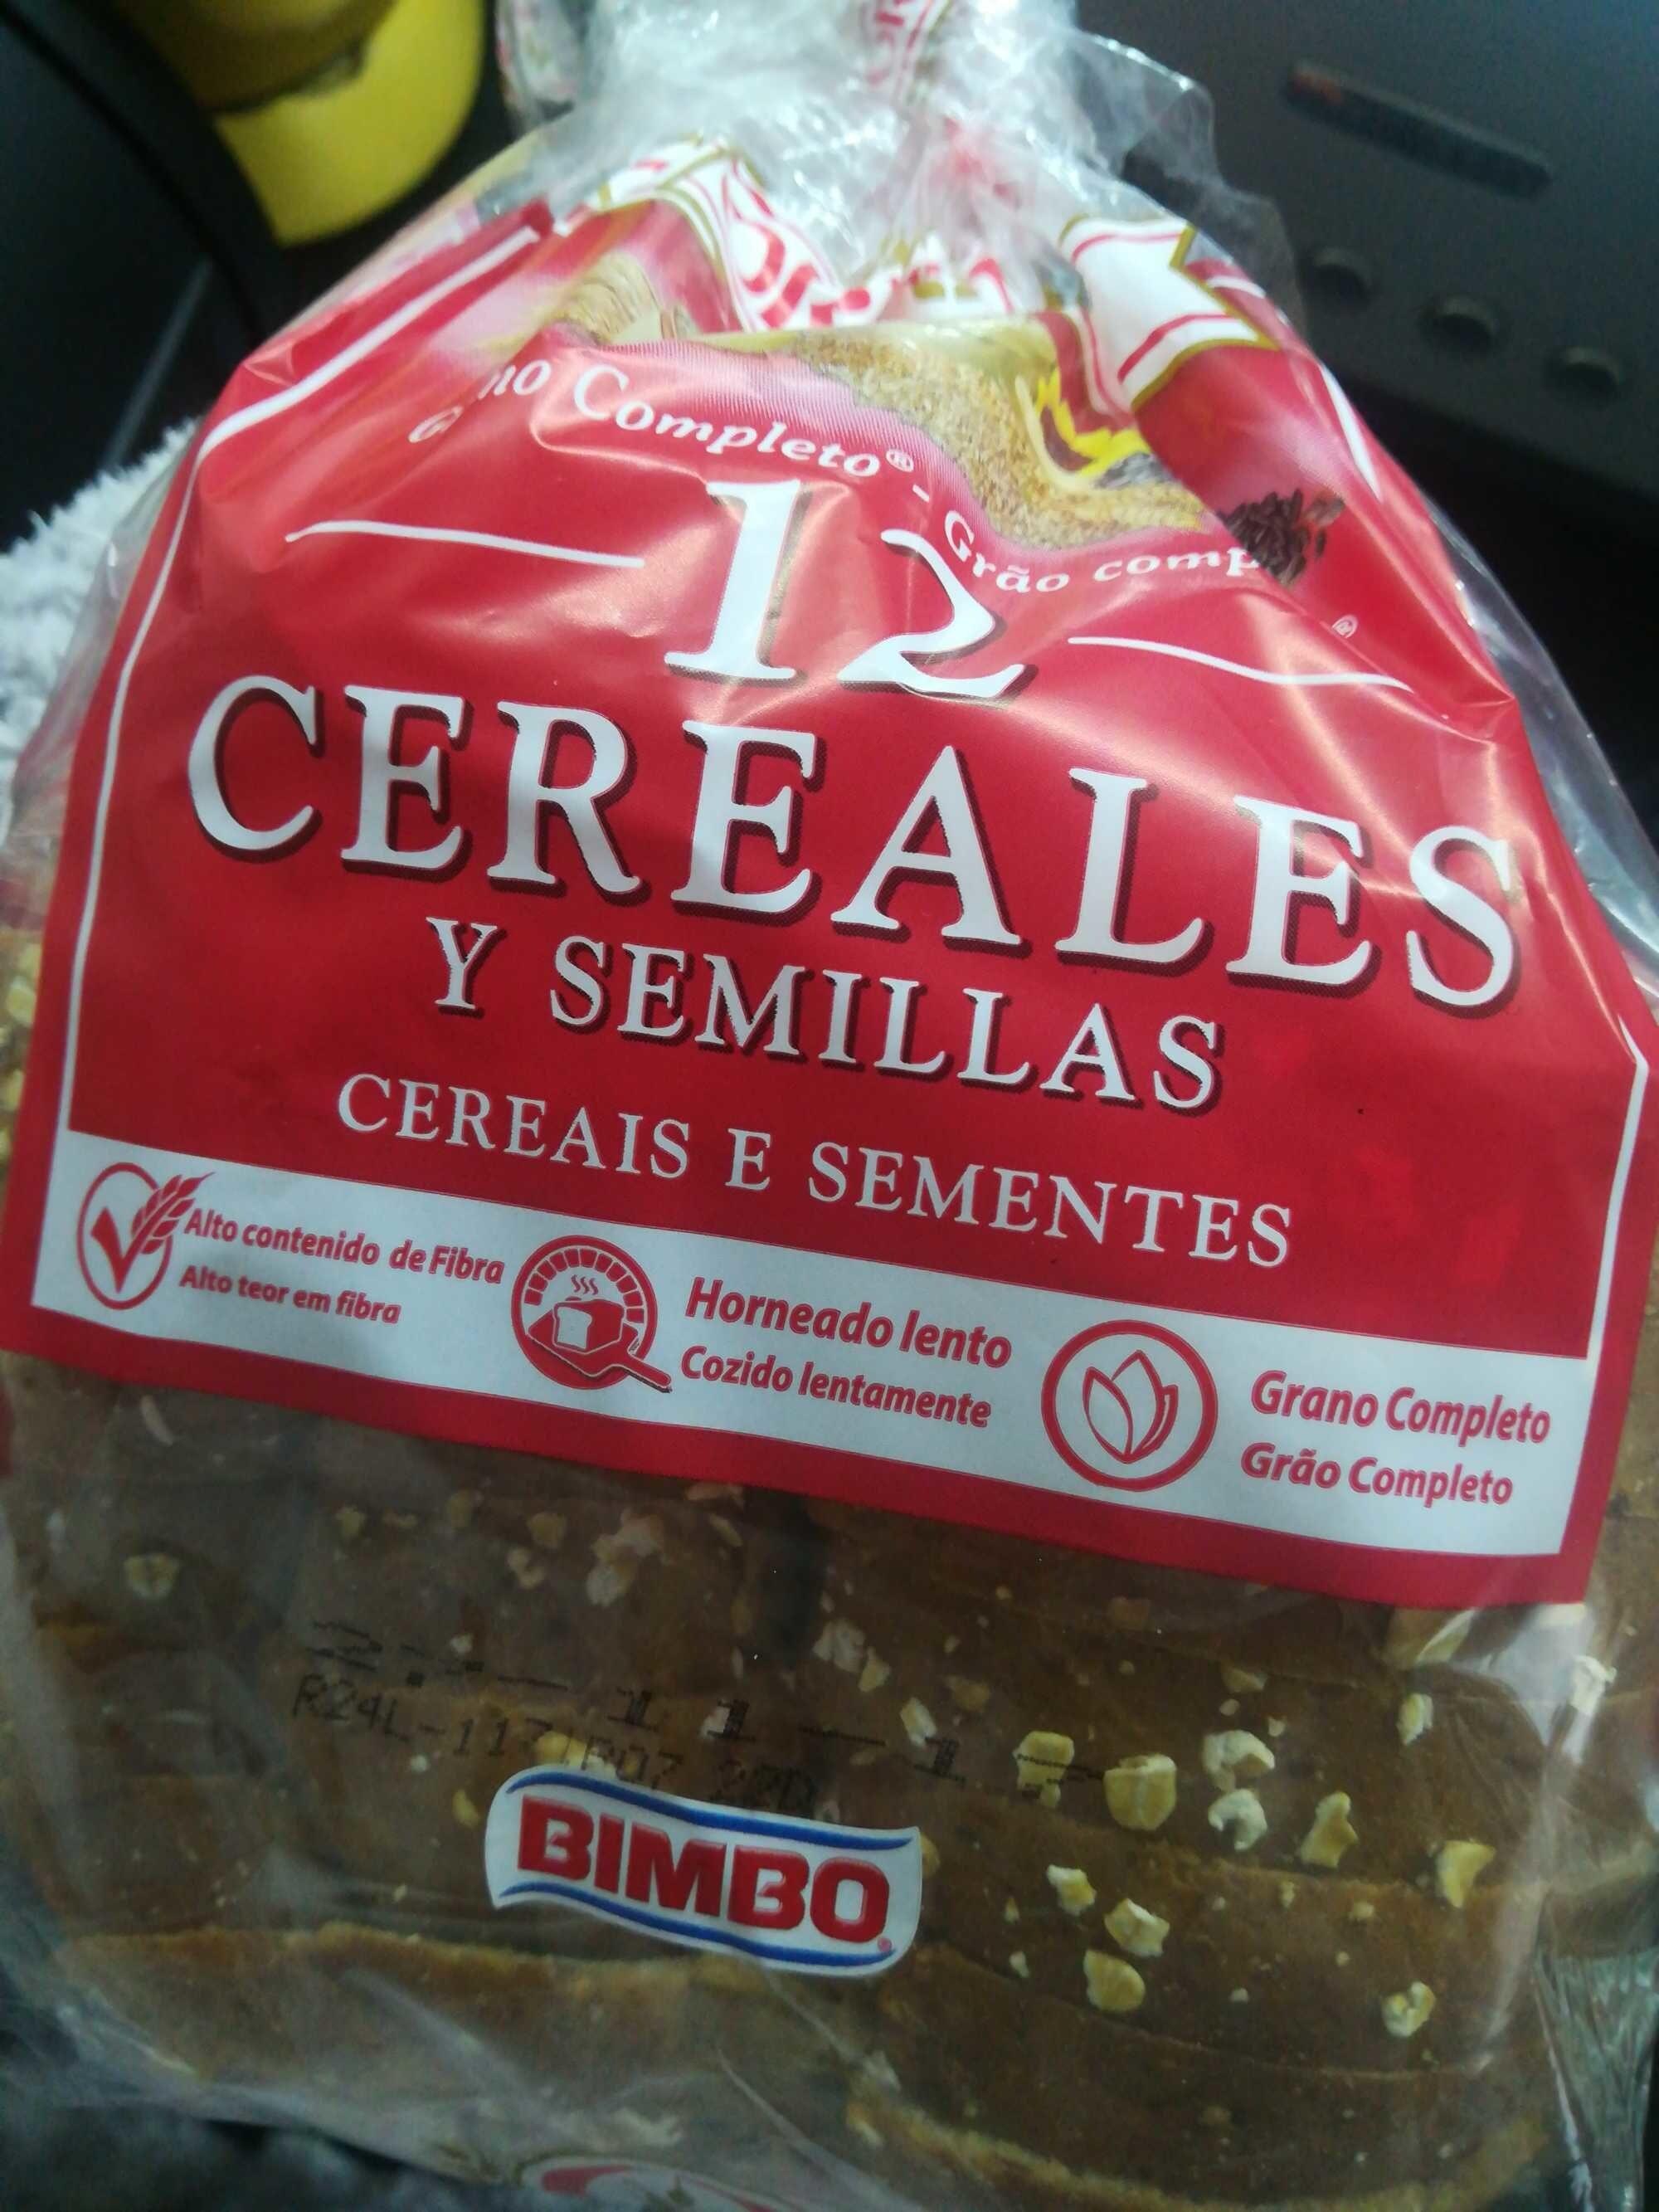 Oroweat 12 cereales y semillas - Producto